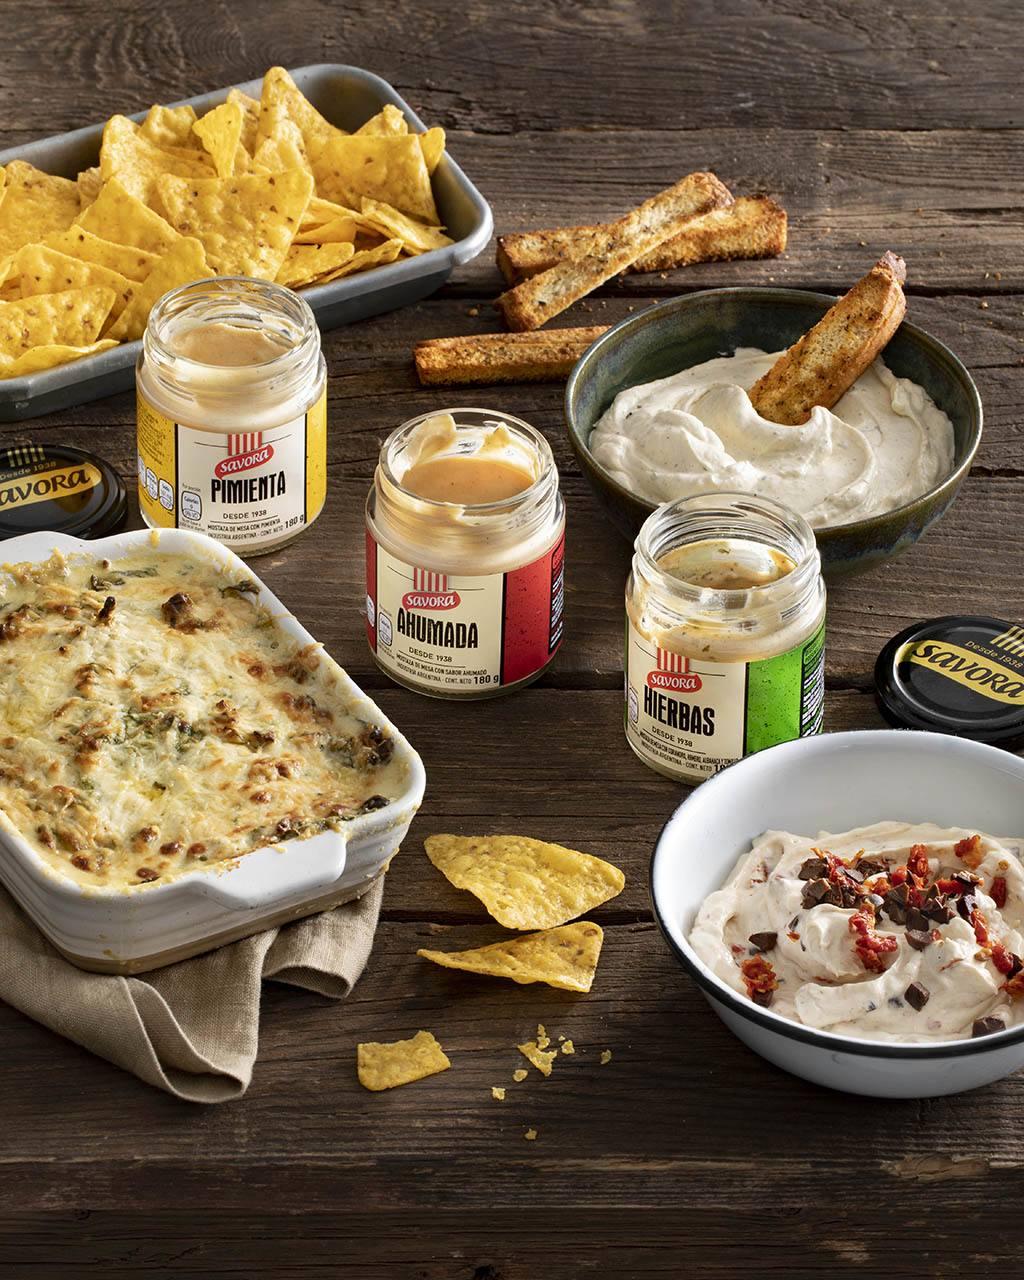 Espinacas con queso crema y Savora Pimienta.